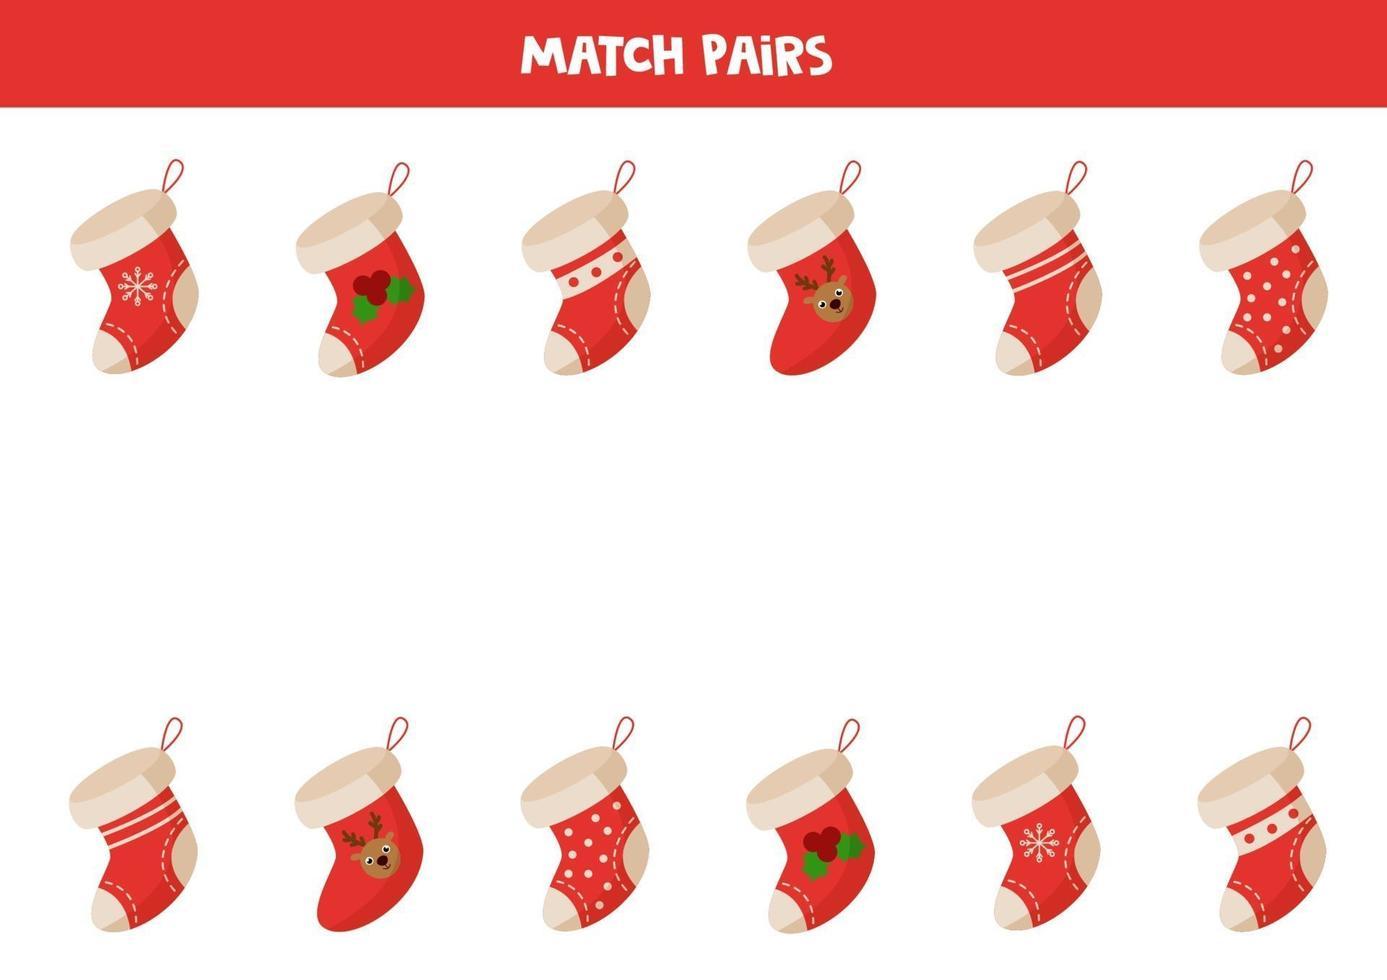 matching game voor kinderen. vind paar kerstsokken. vector